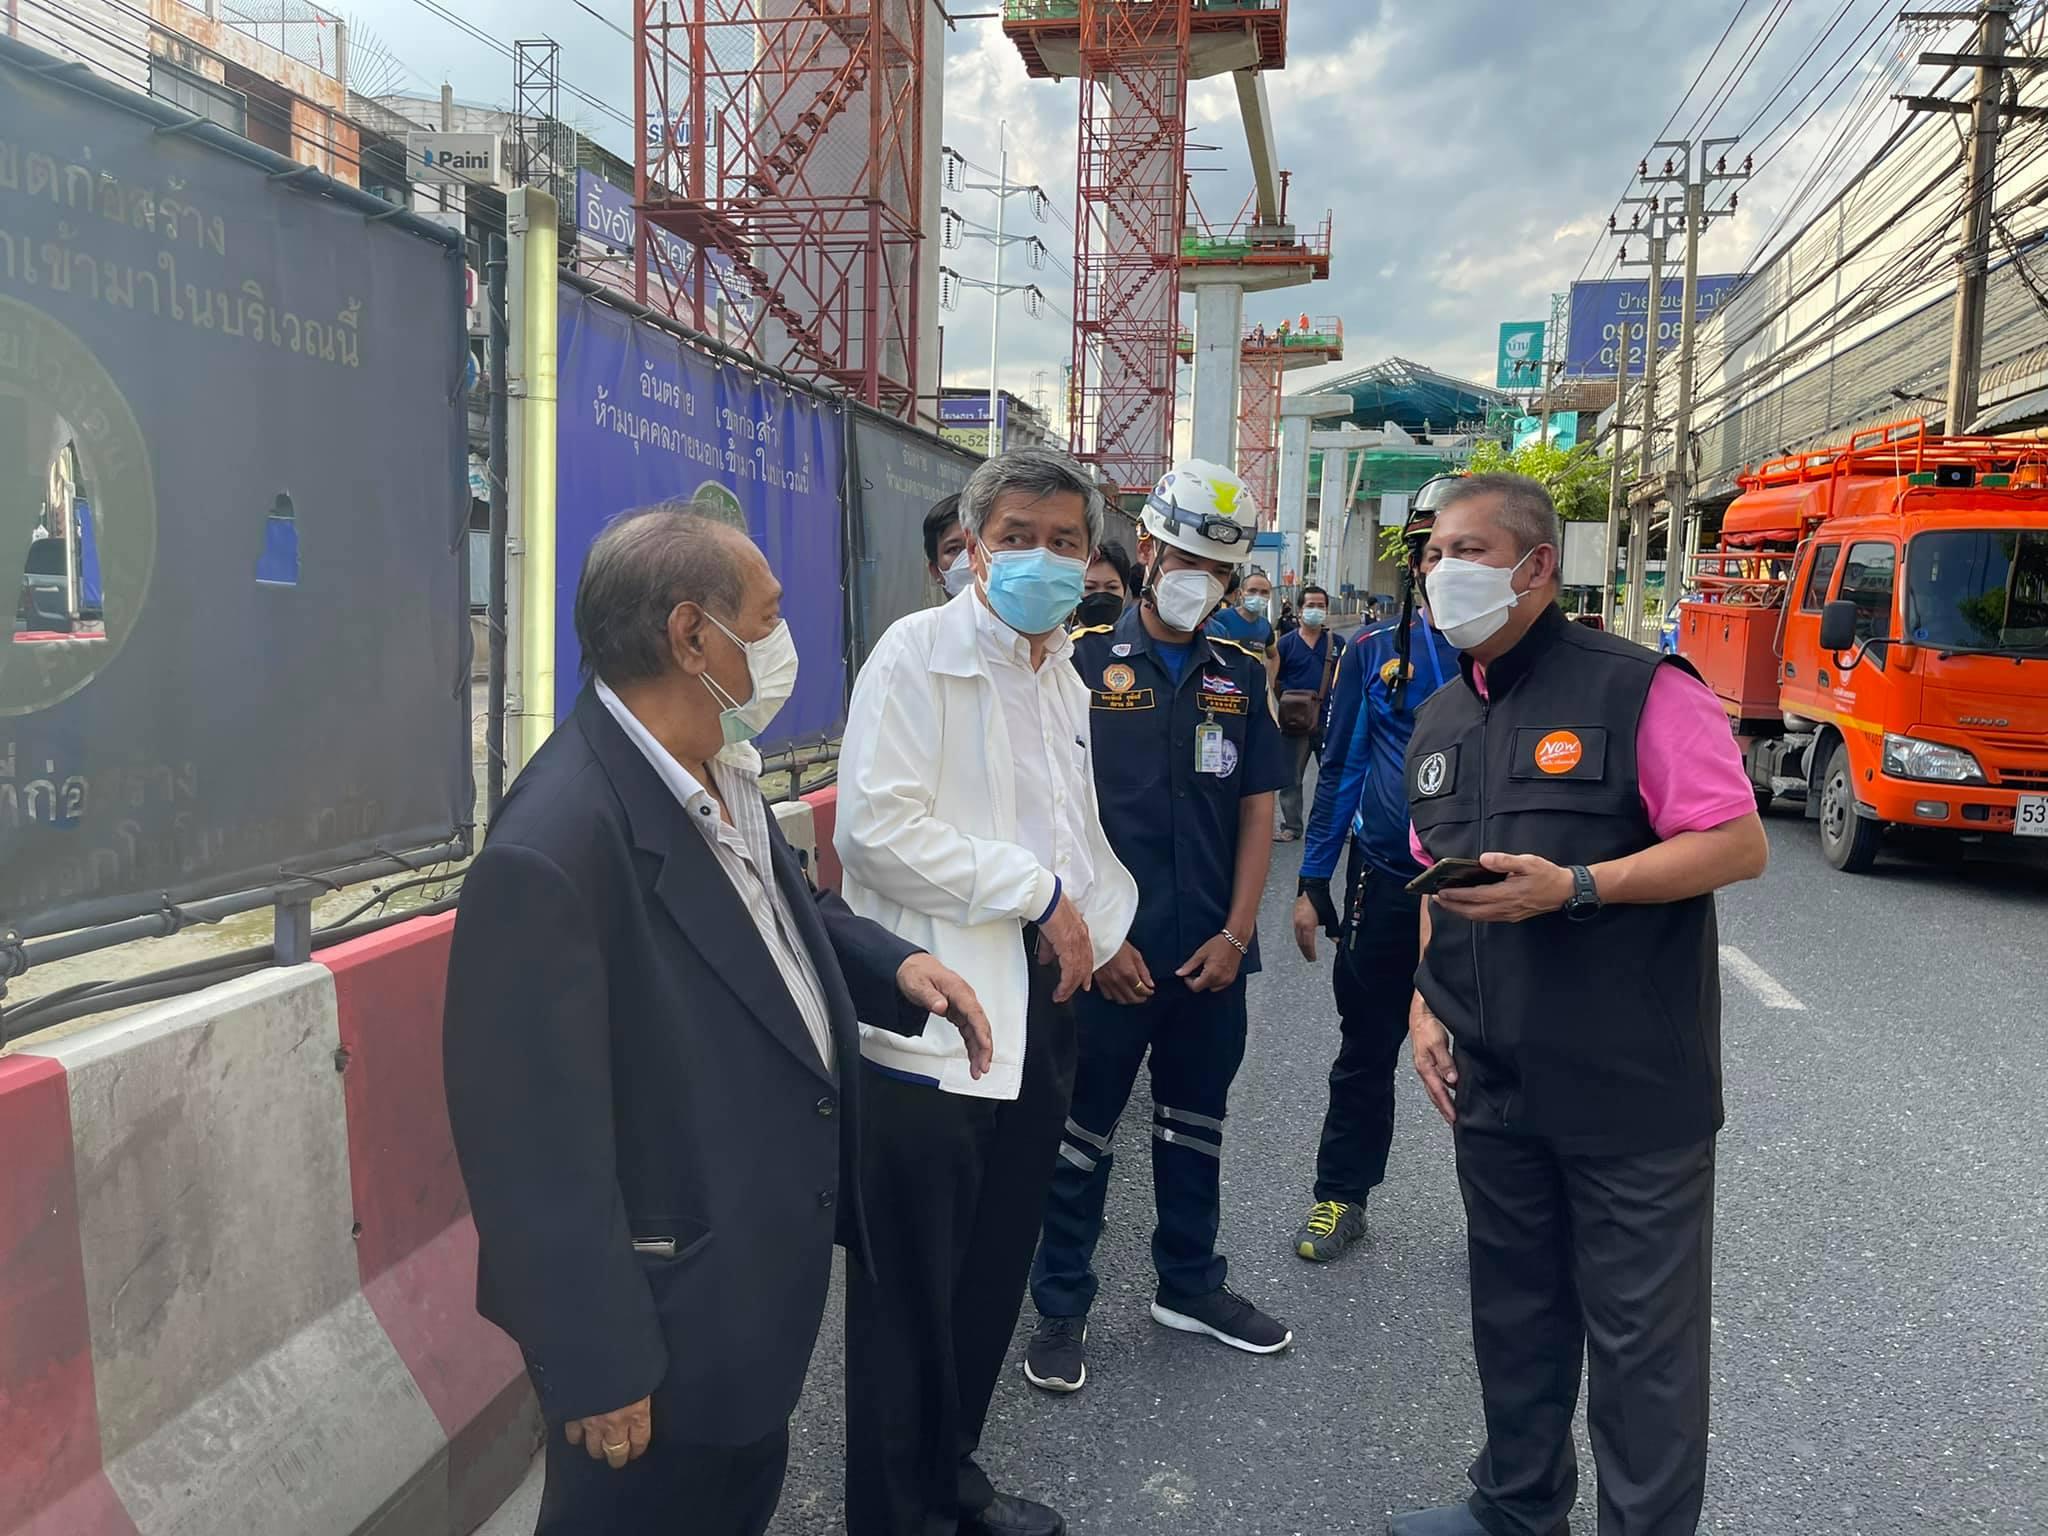 นายกวิศวกรรมสถานแห่งประเทศไทยฯ (วสท.)พร้อมอุปนายก วสท. เร่งลงพื้นที่ เพื่อให้คำแนะนำด้านความปลอดภัยกับอาคารที่เกิดการแตกร้าว มีเสาระเบิดหลายต้น บริเวณ ถ.ศรีนครินทร์